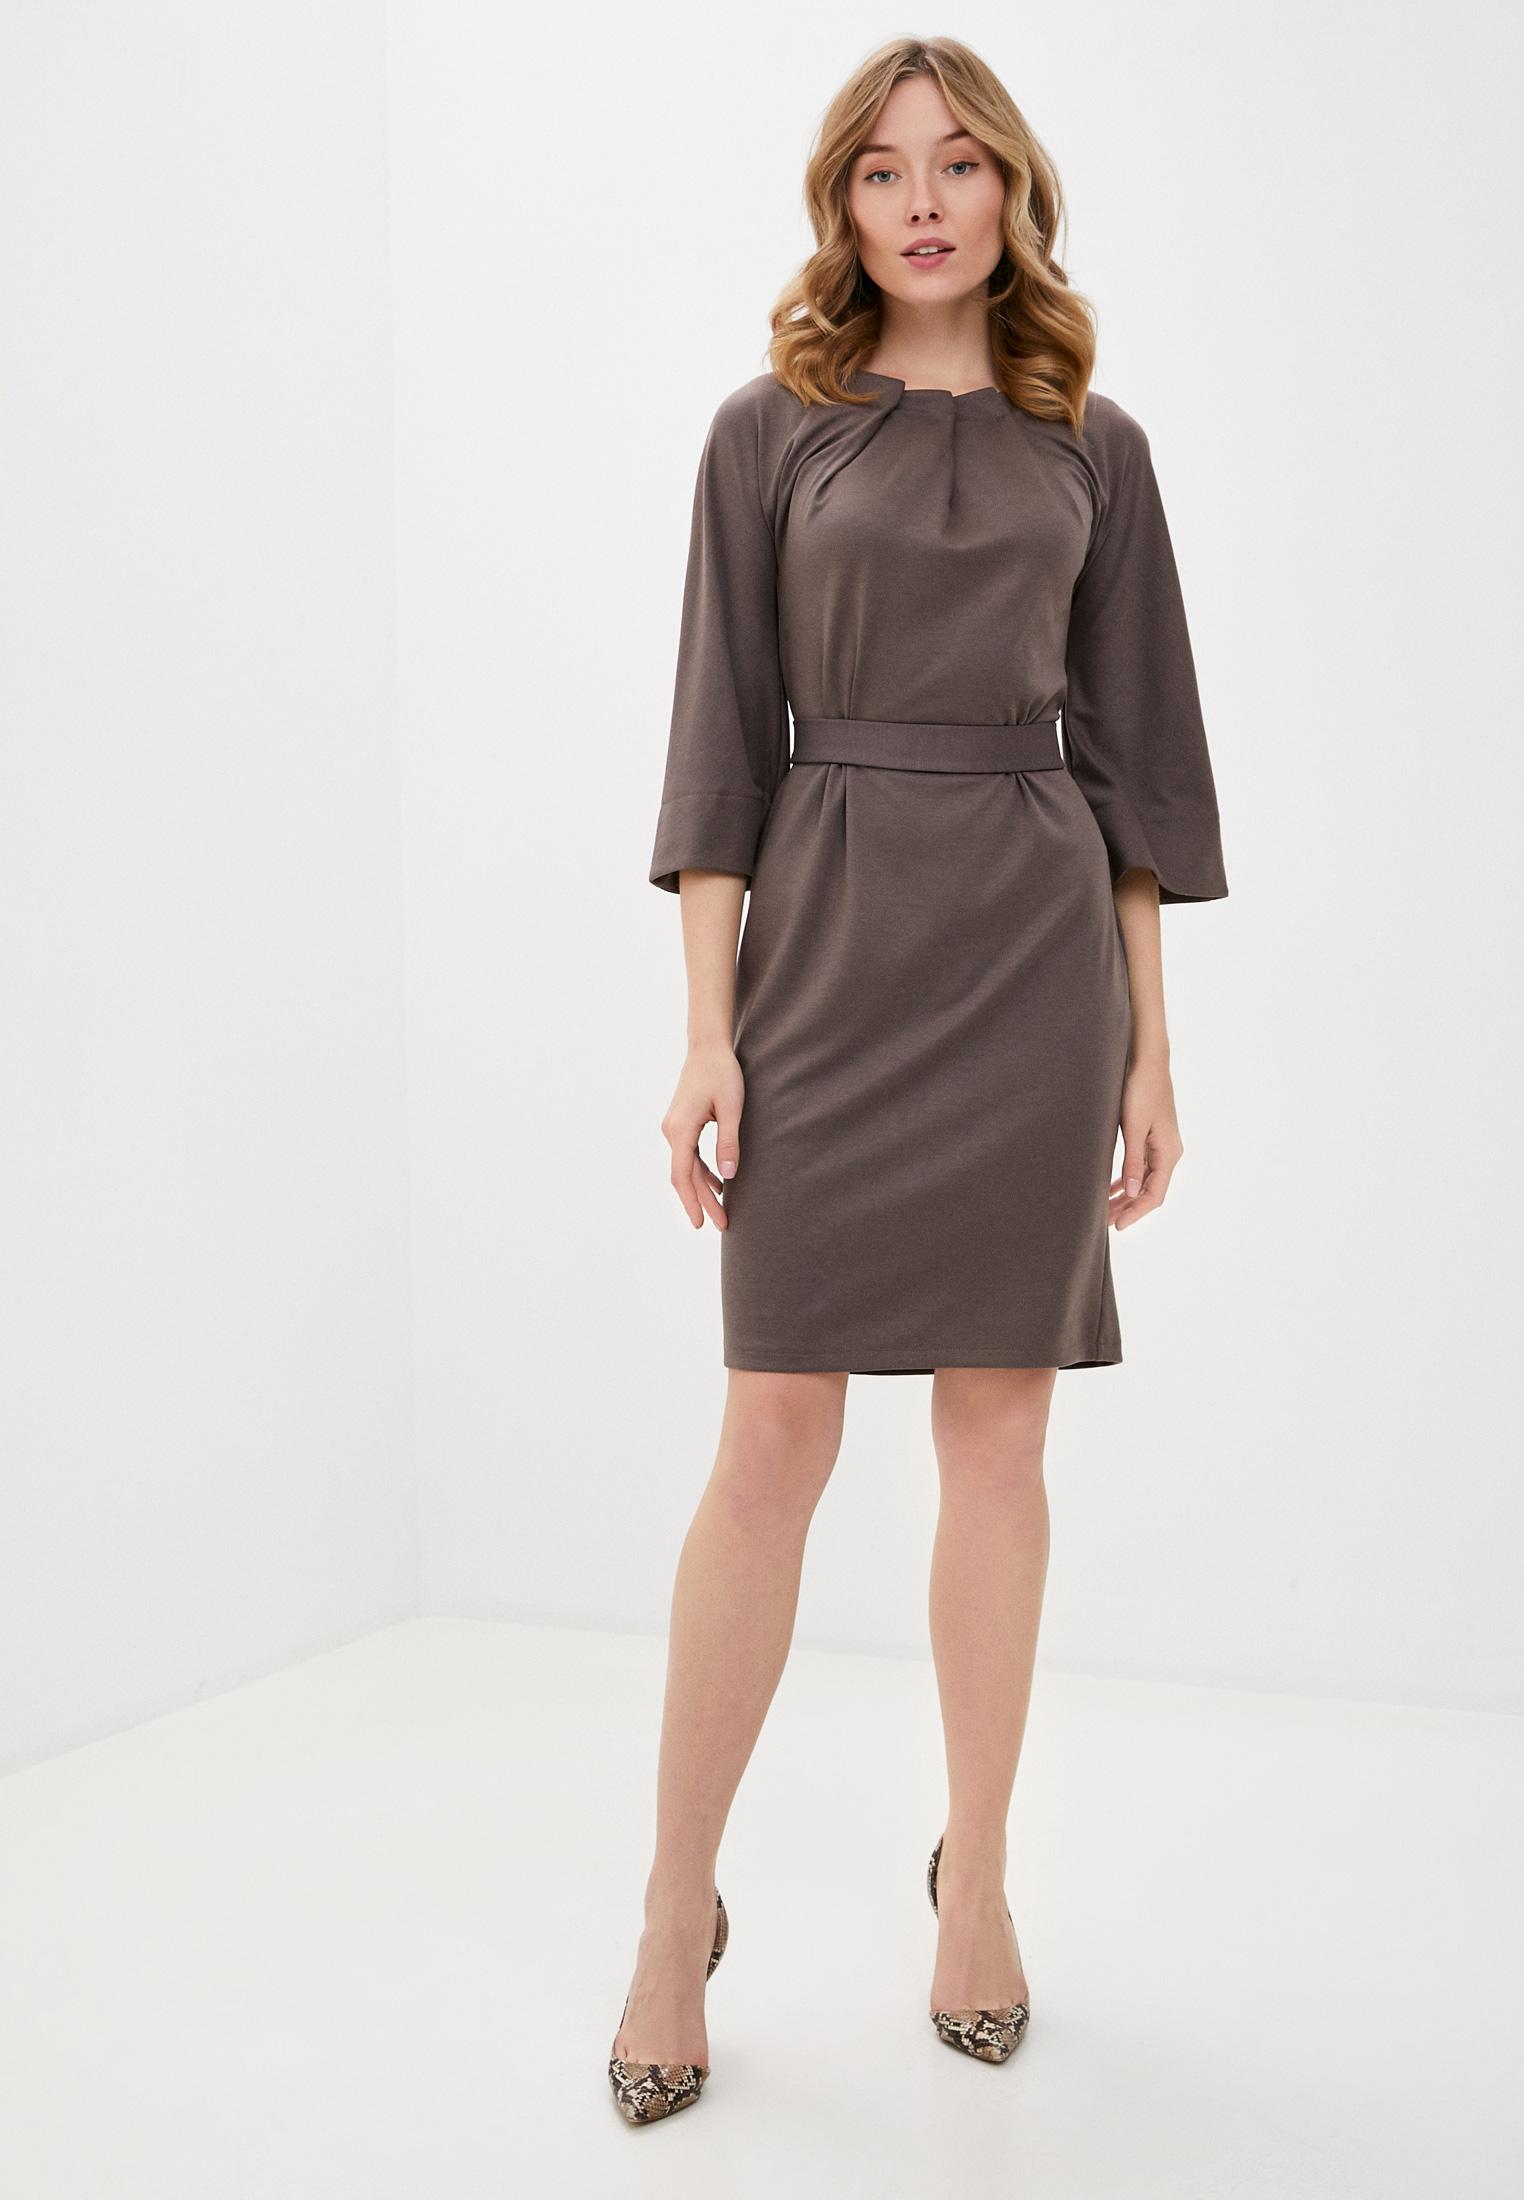 Повседневное платье Alina Assi 11-502-206-Beige-L: изображение 3